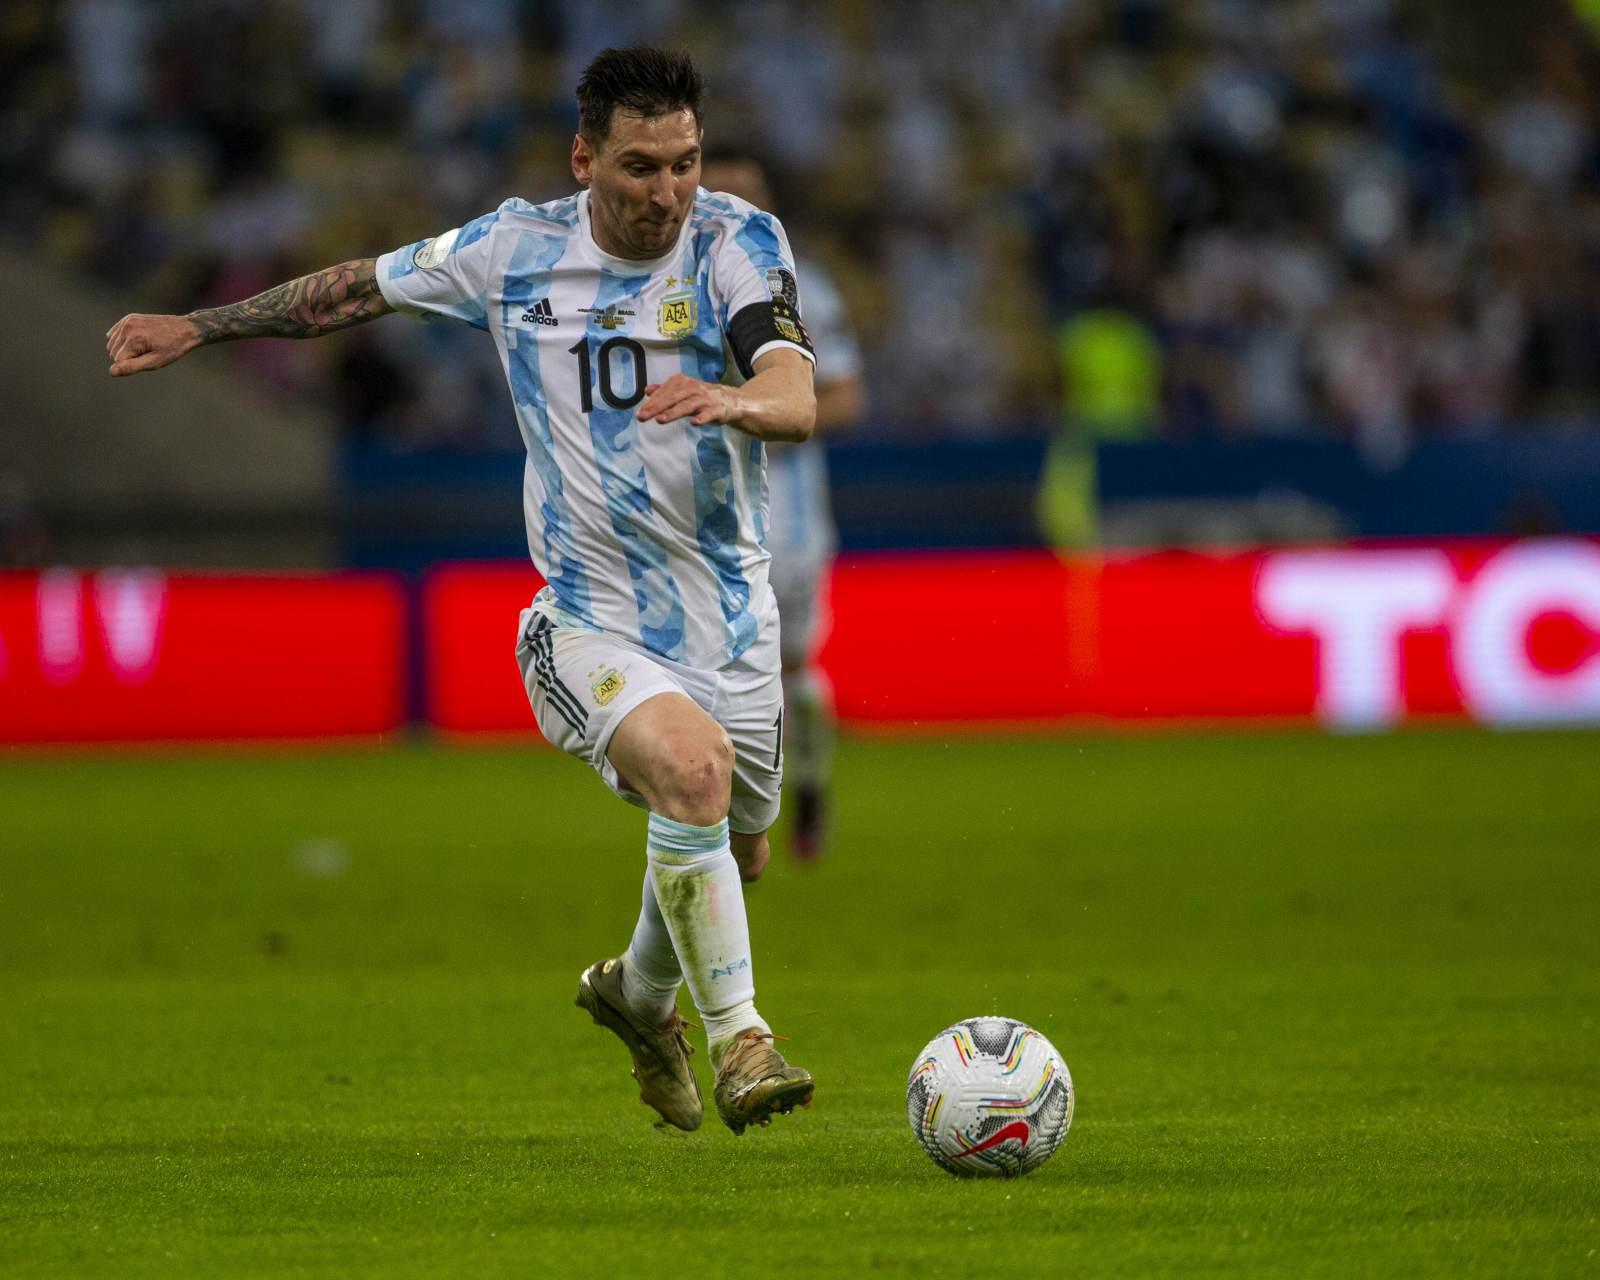 Кемпес: «Месси не сравнится с Марадоной, даже если выиграет 4 чемпионата мира подряд»